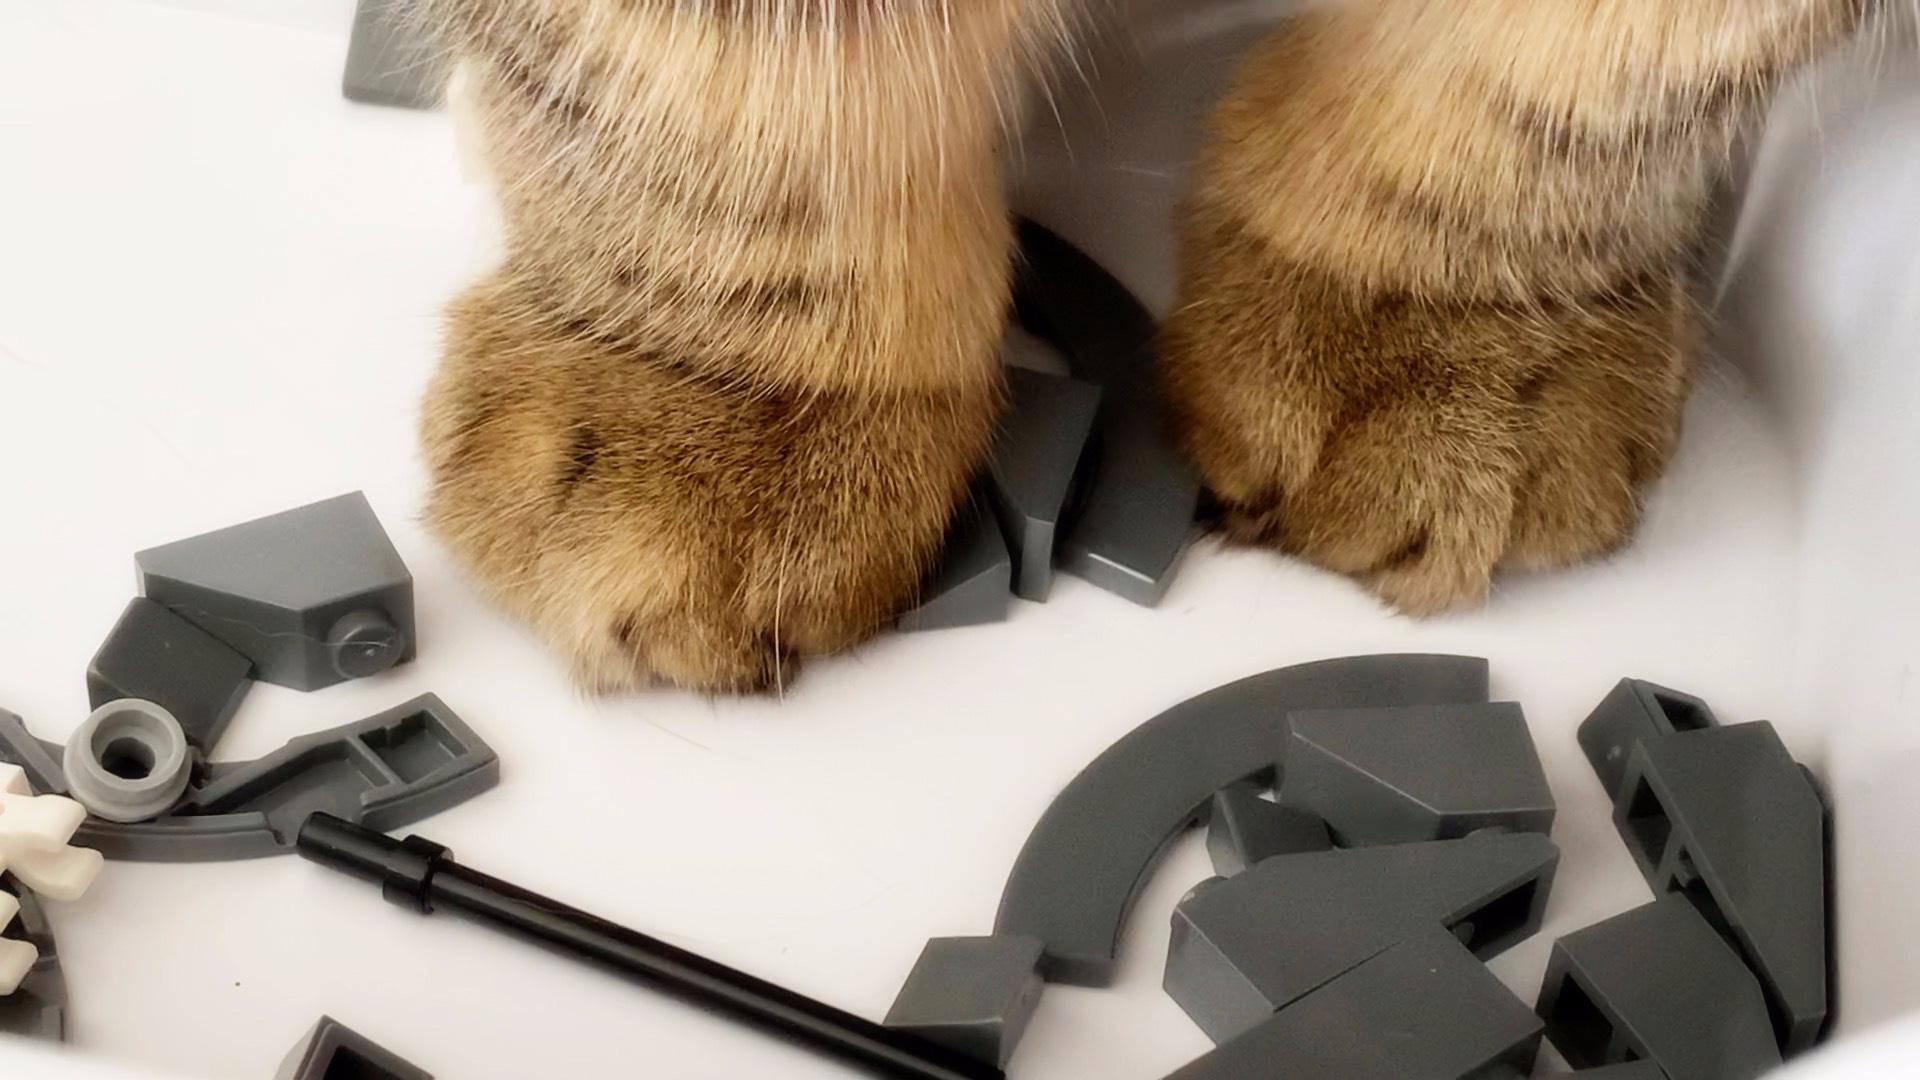 千万不要让猫碰乐高,不然的话…………玩的比你还起劲!